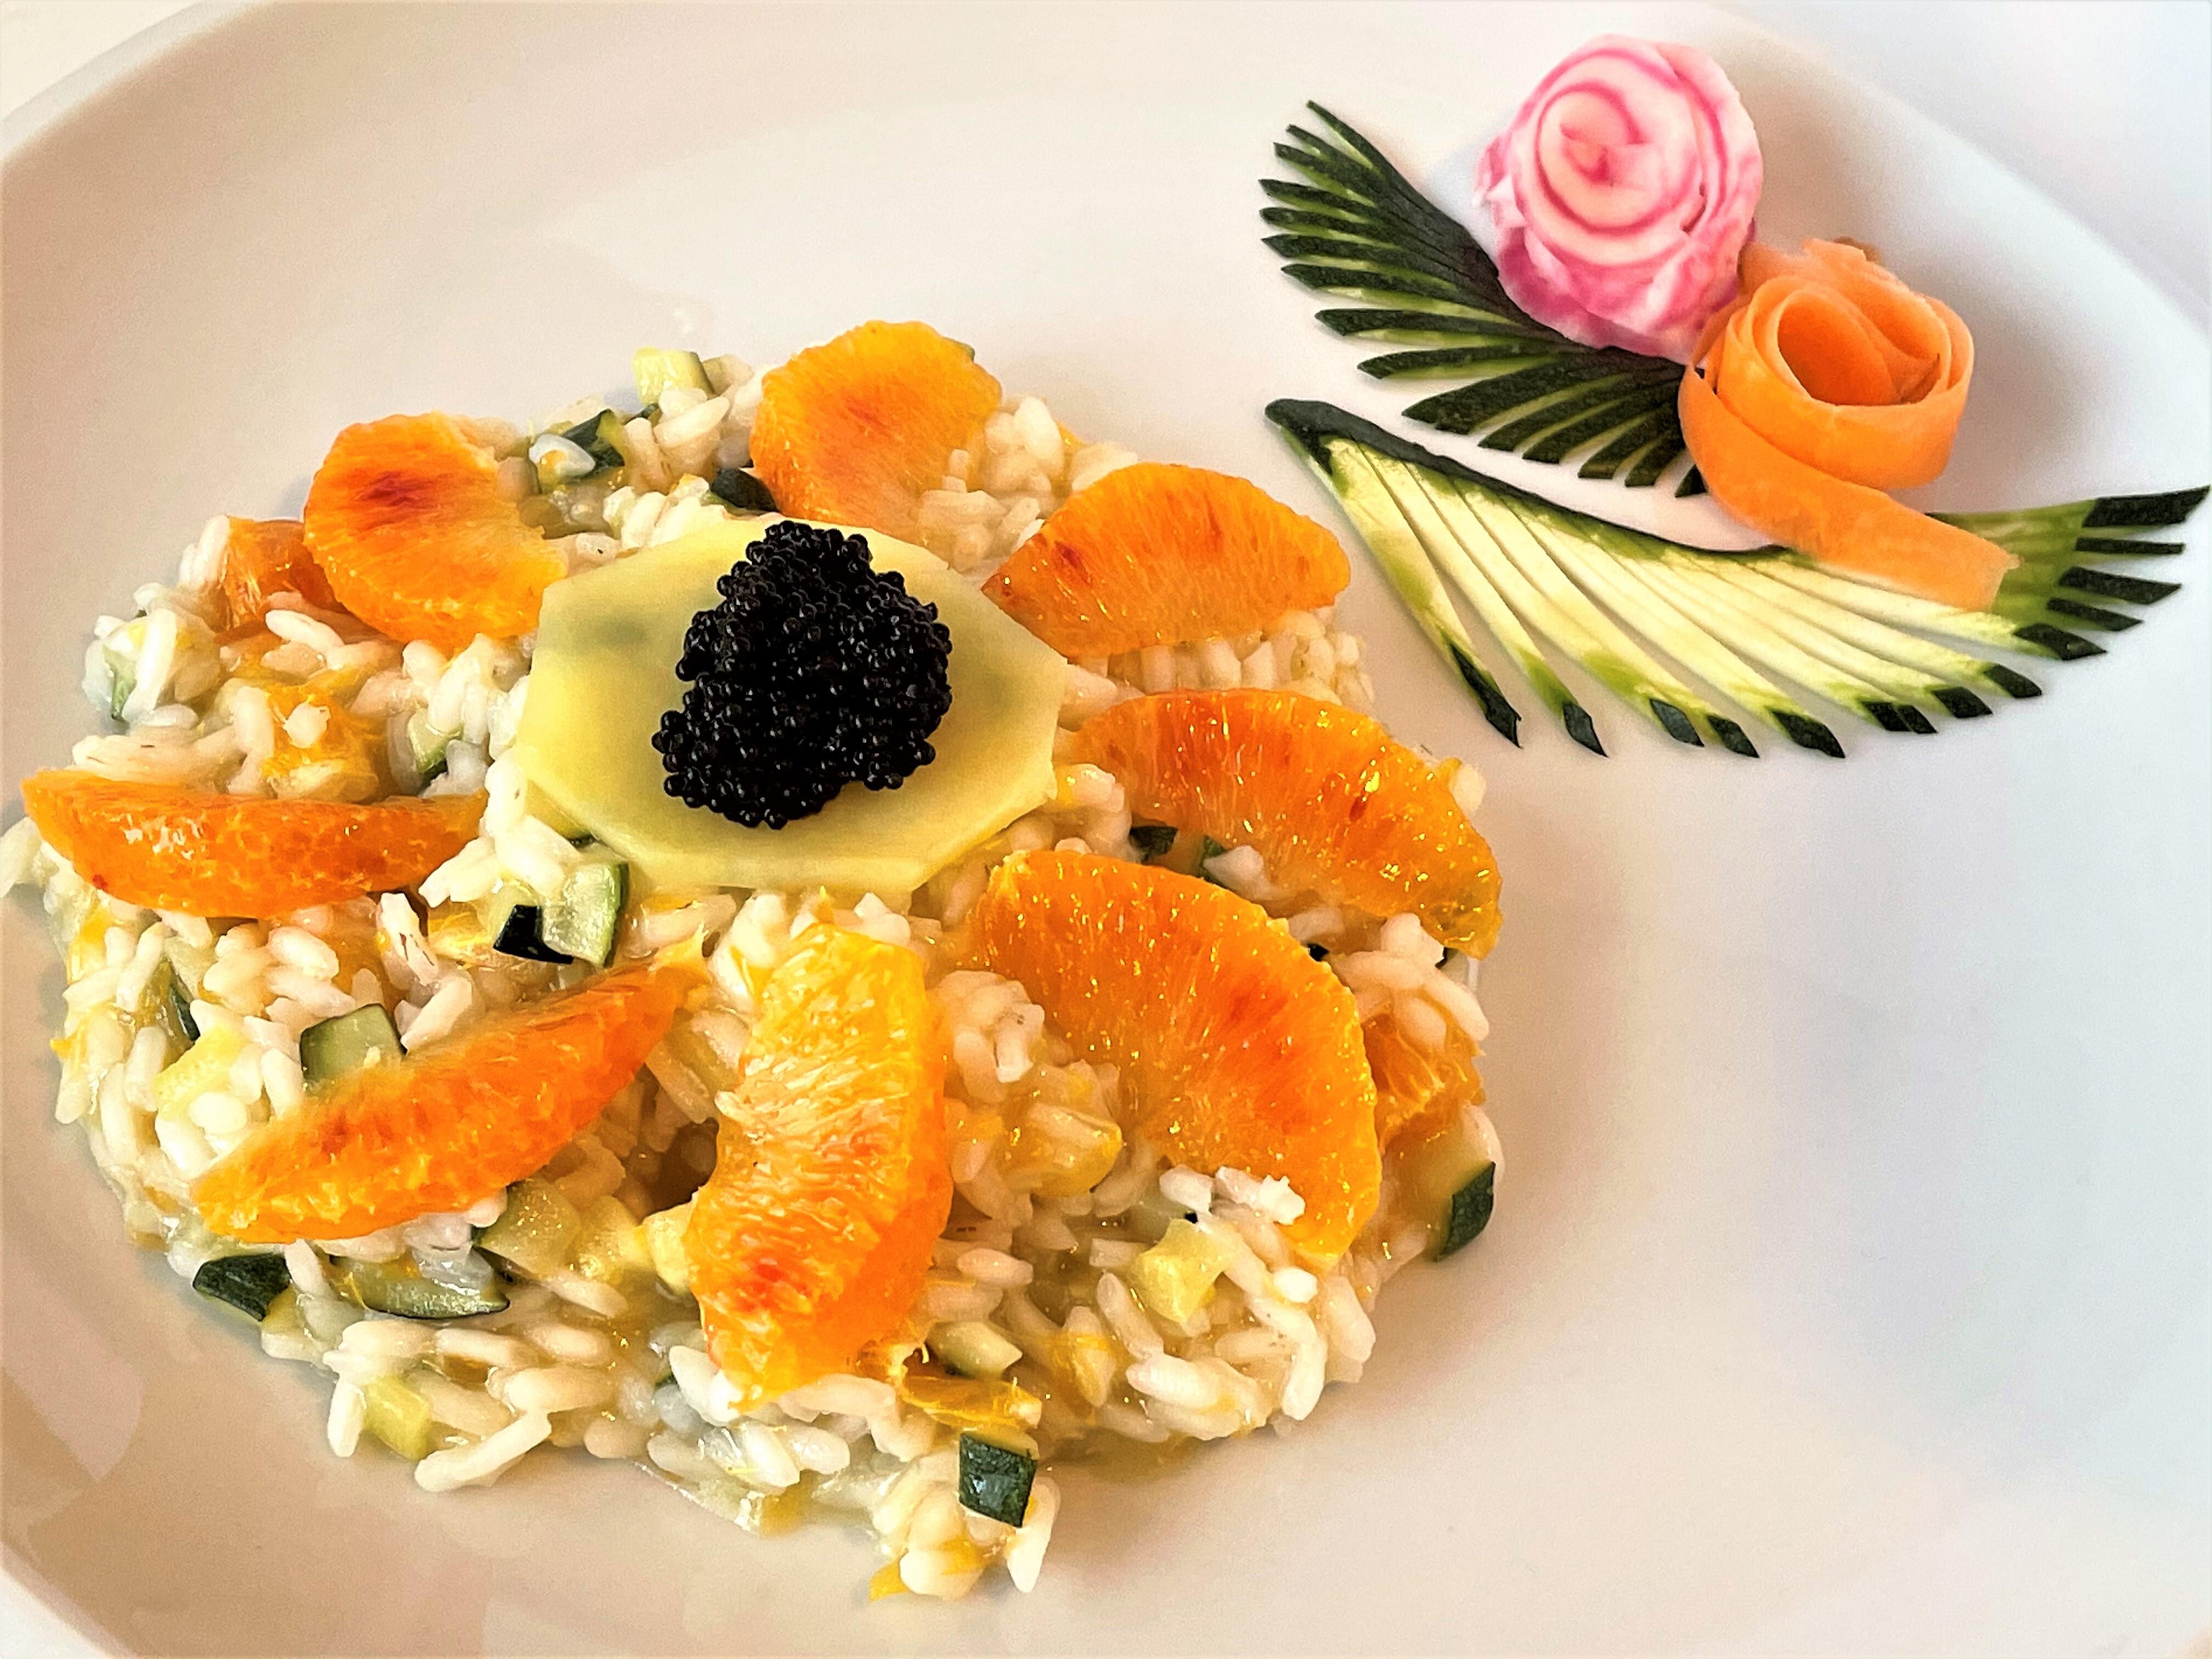 Risotto con zucchine, arancio e caviale